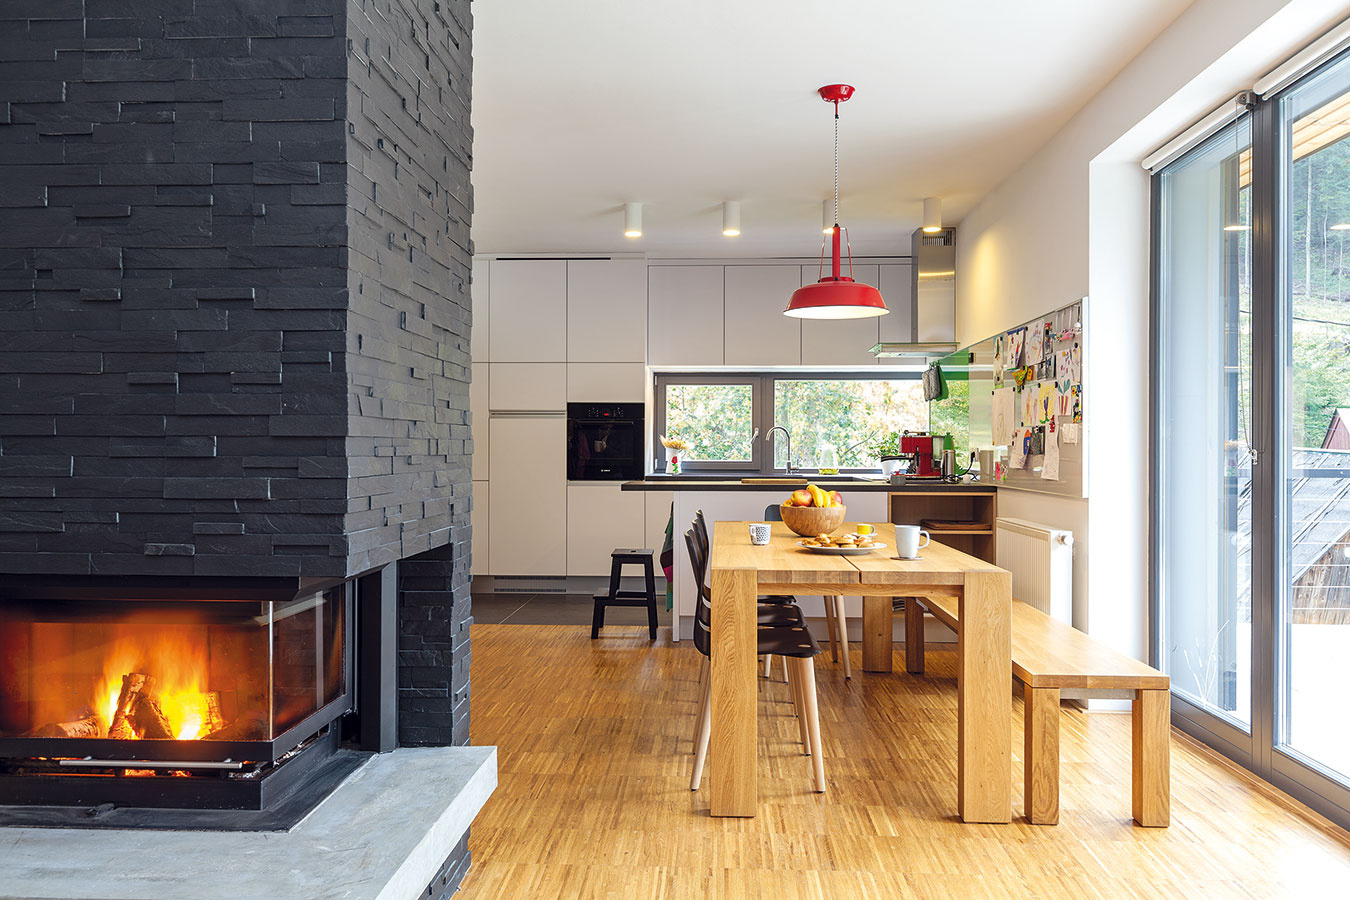 Rohové varianty kozubových vložiek sú kdispozícii uväčšiny výrobcov, architekti adizajnéri ich radi využívajú.